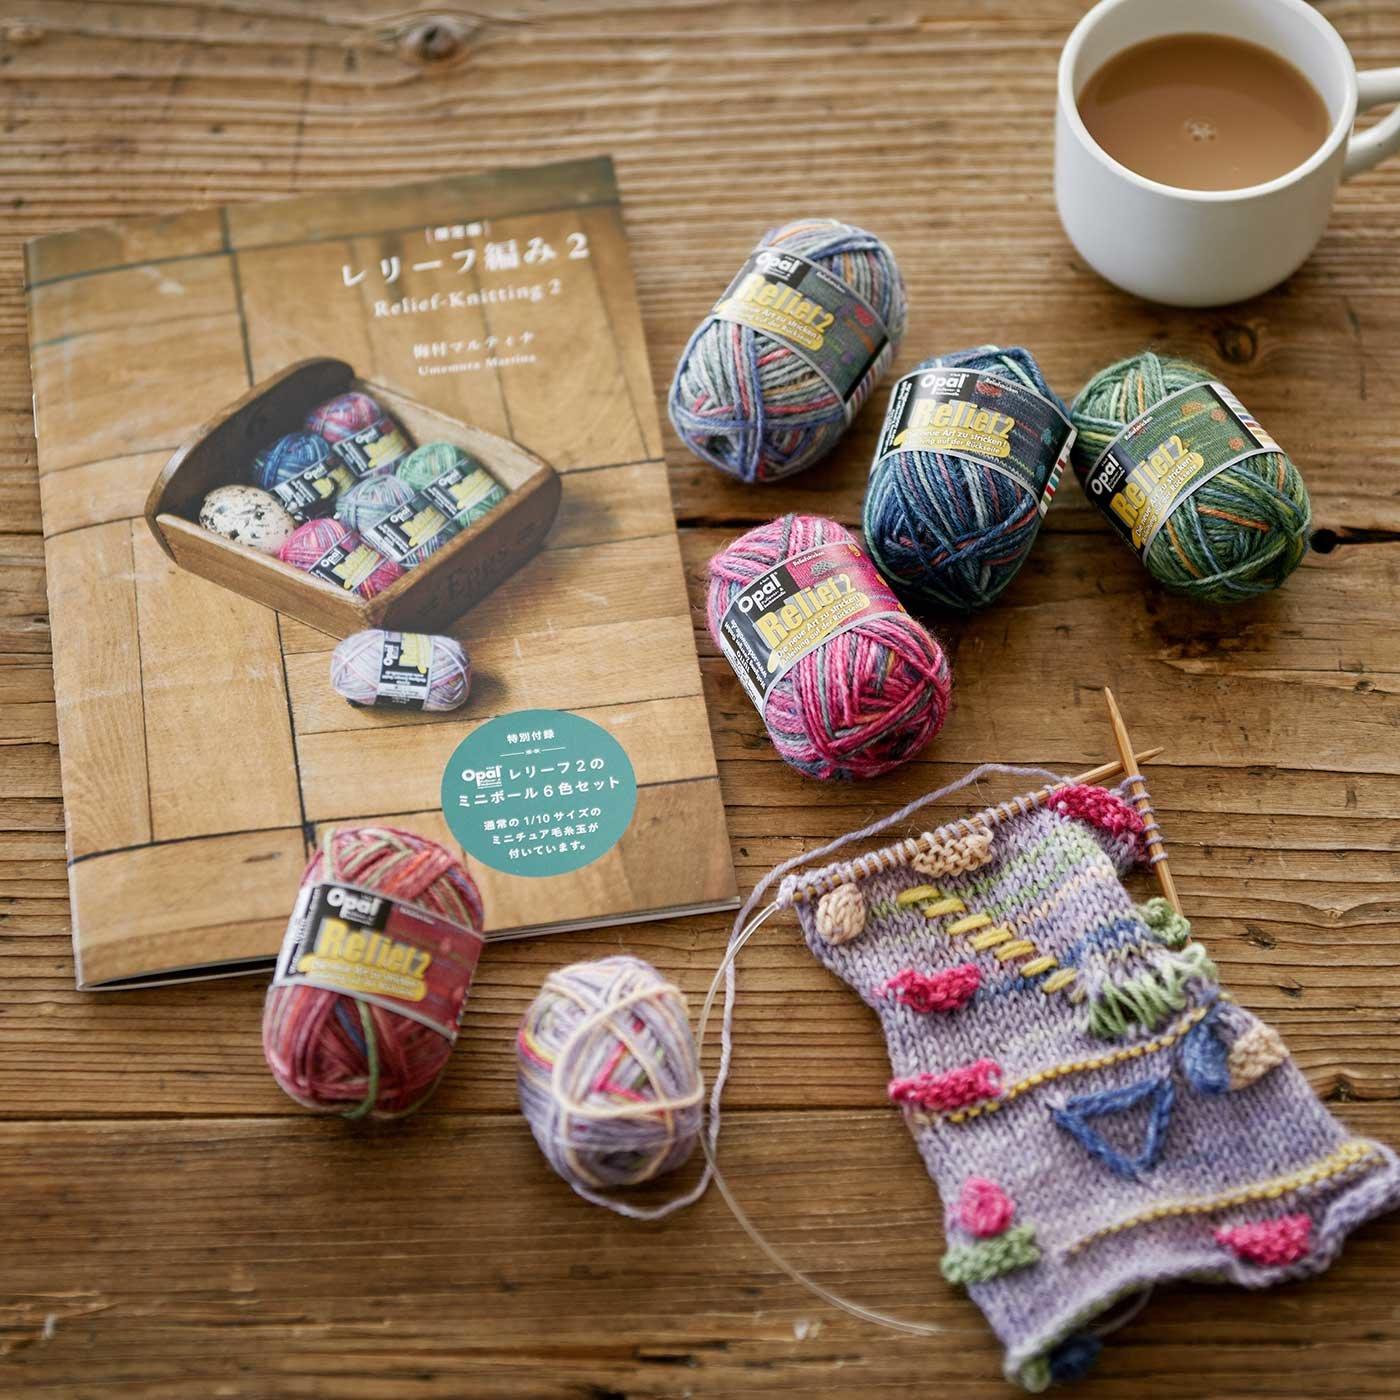 オパール毛糸を楽しむ本 「レリーフ編み2」限定版 ミニボール6色付き